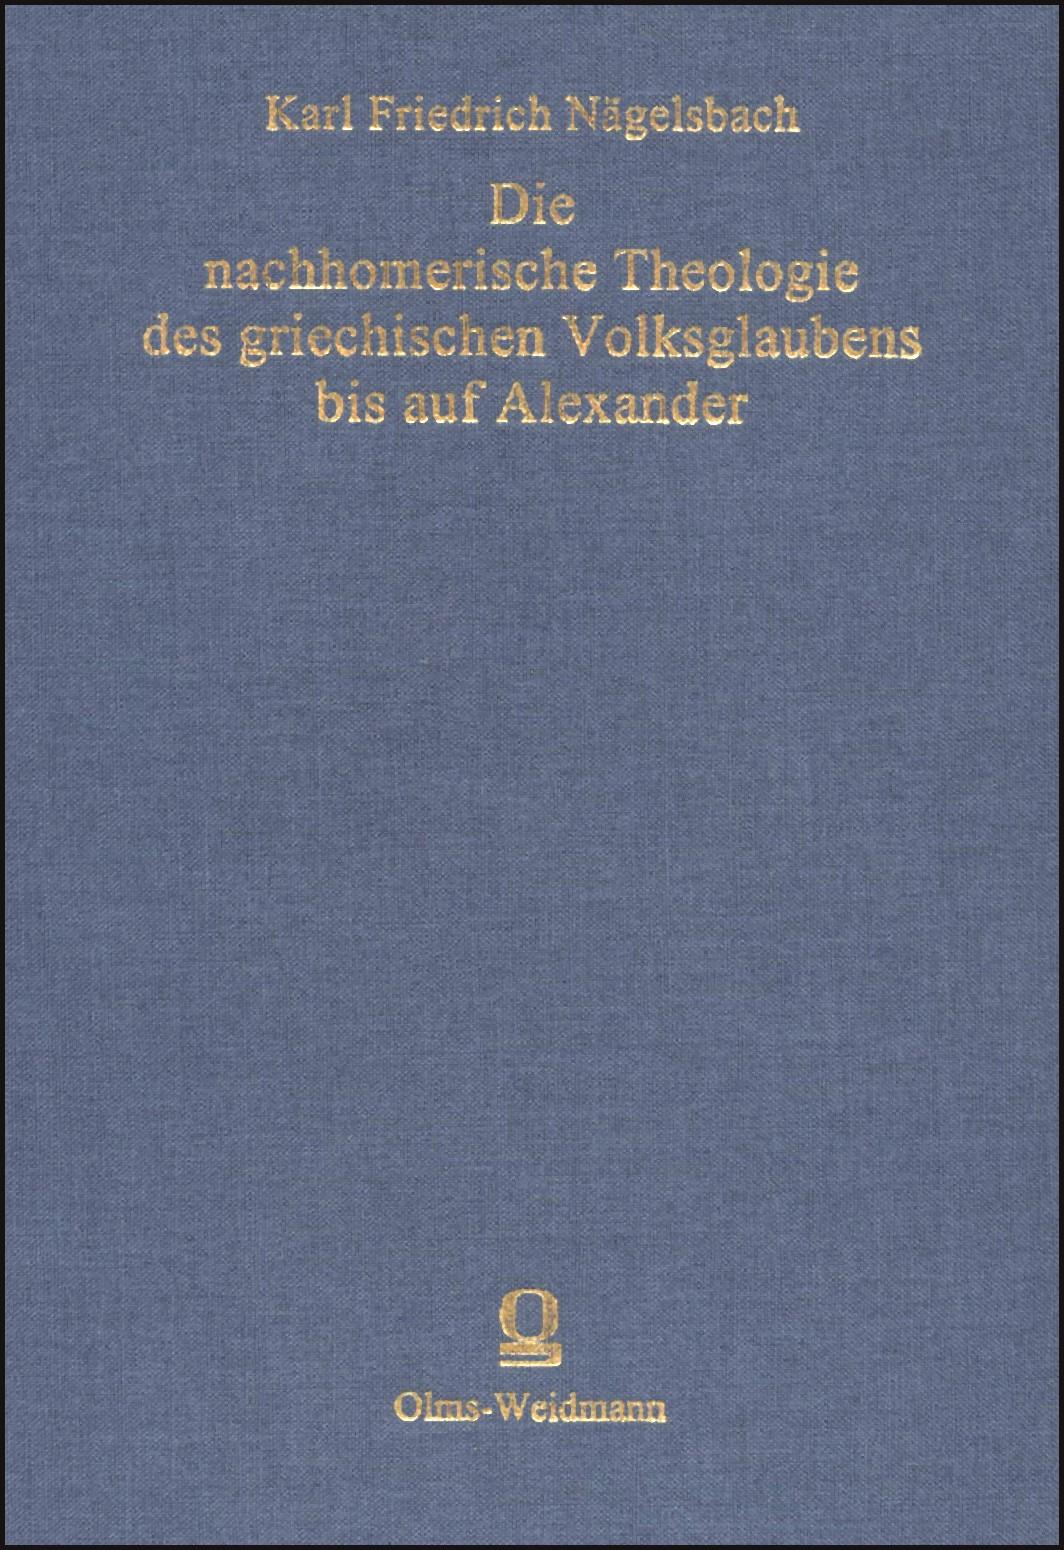 Abbildung von Nägelsbach | Die nachhomerische Theologie des griechischen Volksglaubens bis auf Alexander | Nachdr. d. Ausg. Nürnberg 1857 | 2004